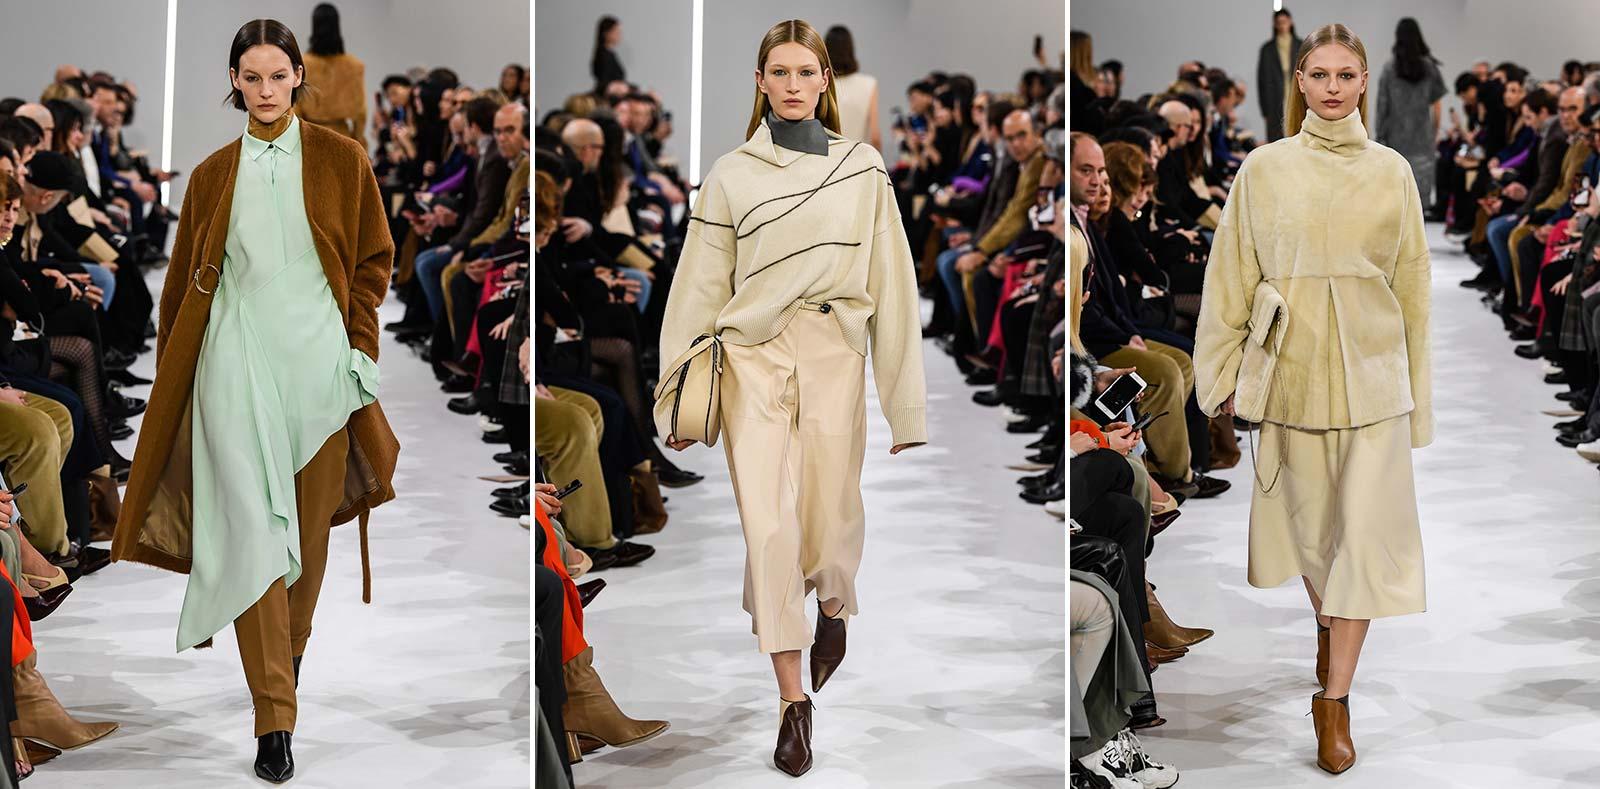 GIADA - Collezioni Fall Winter 2019-2020